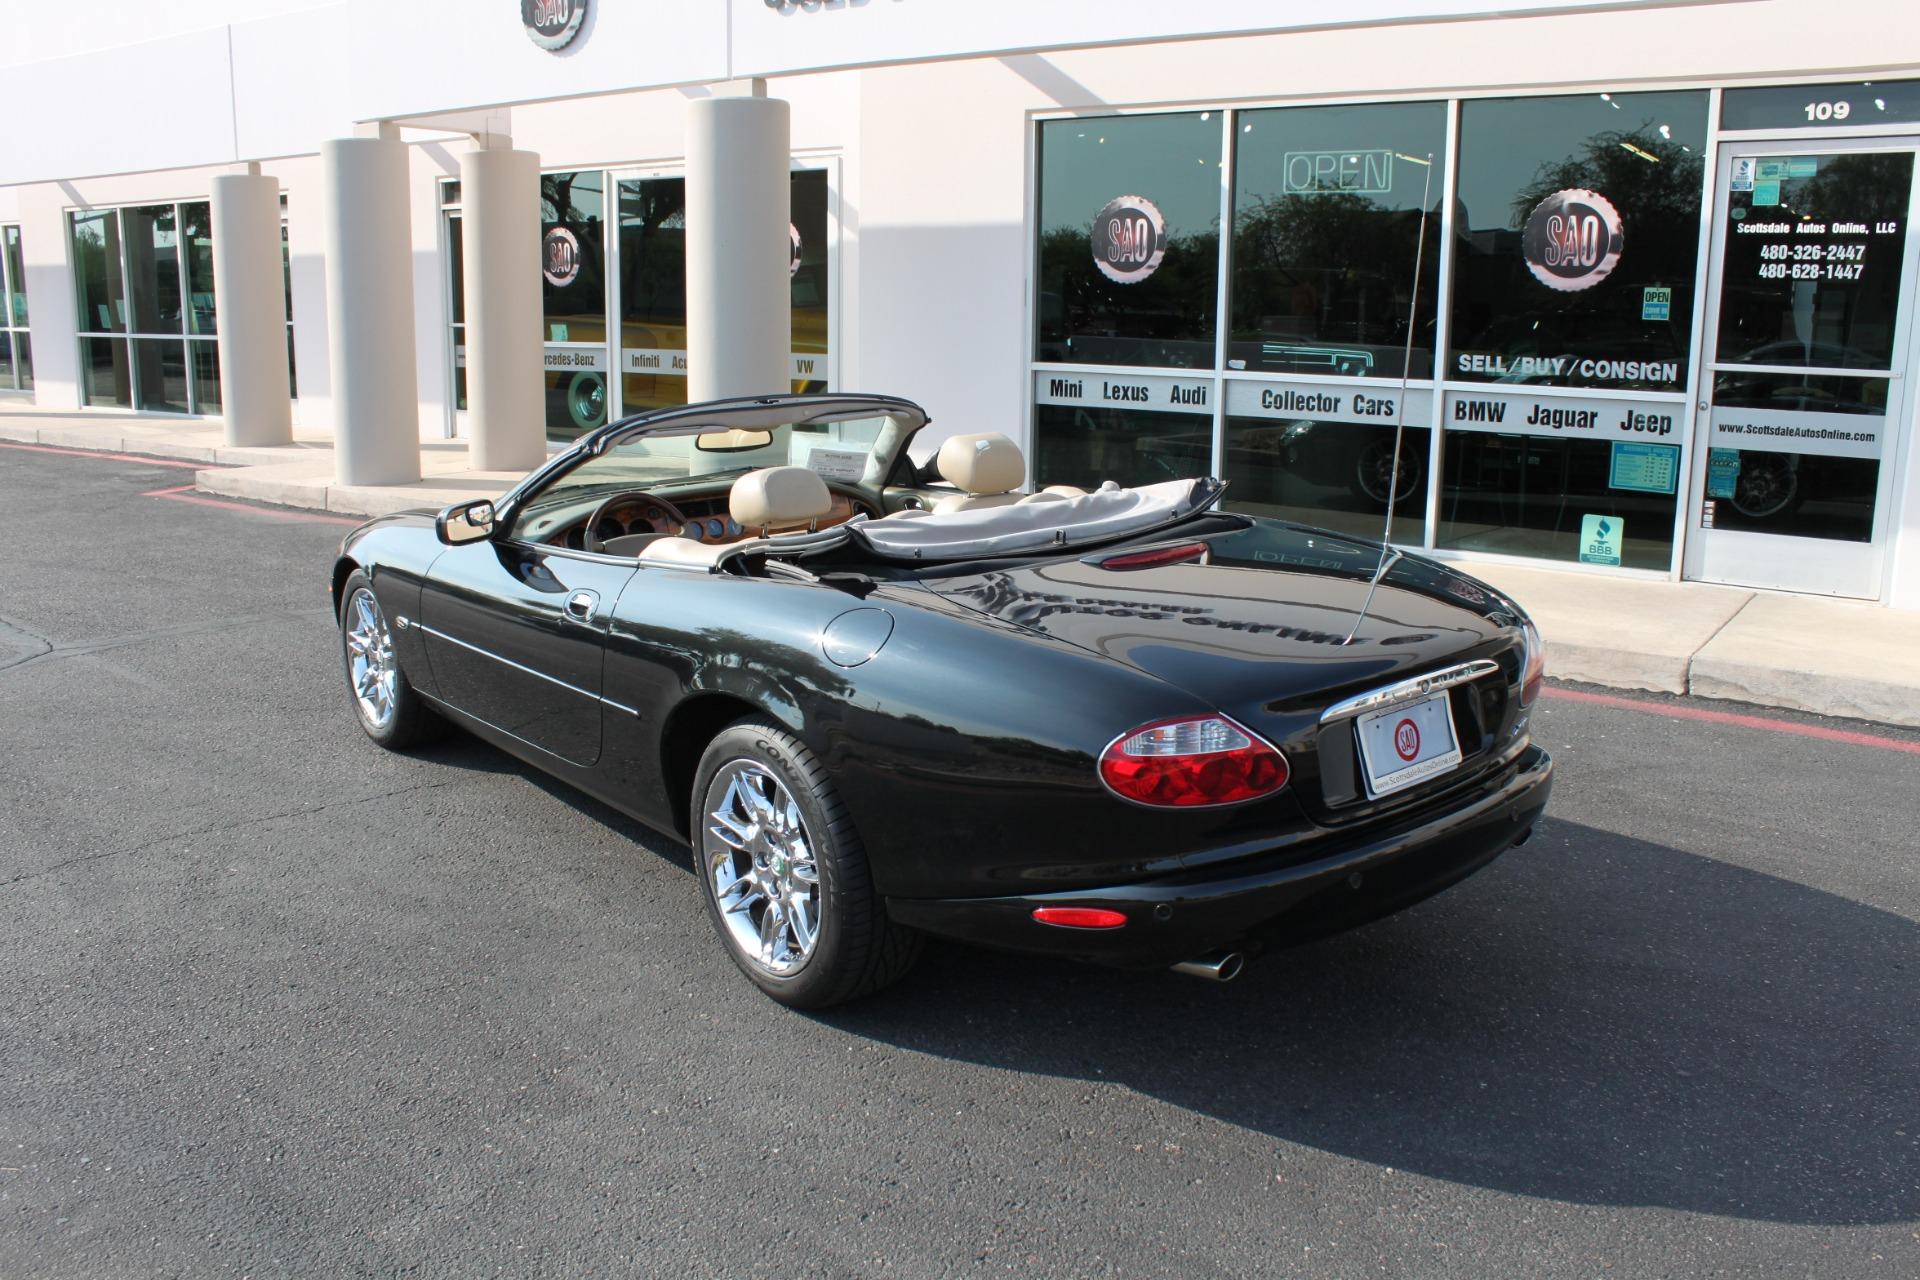 Used-2002-Jaguar-XK8-Convertible-XK8-Toyota